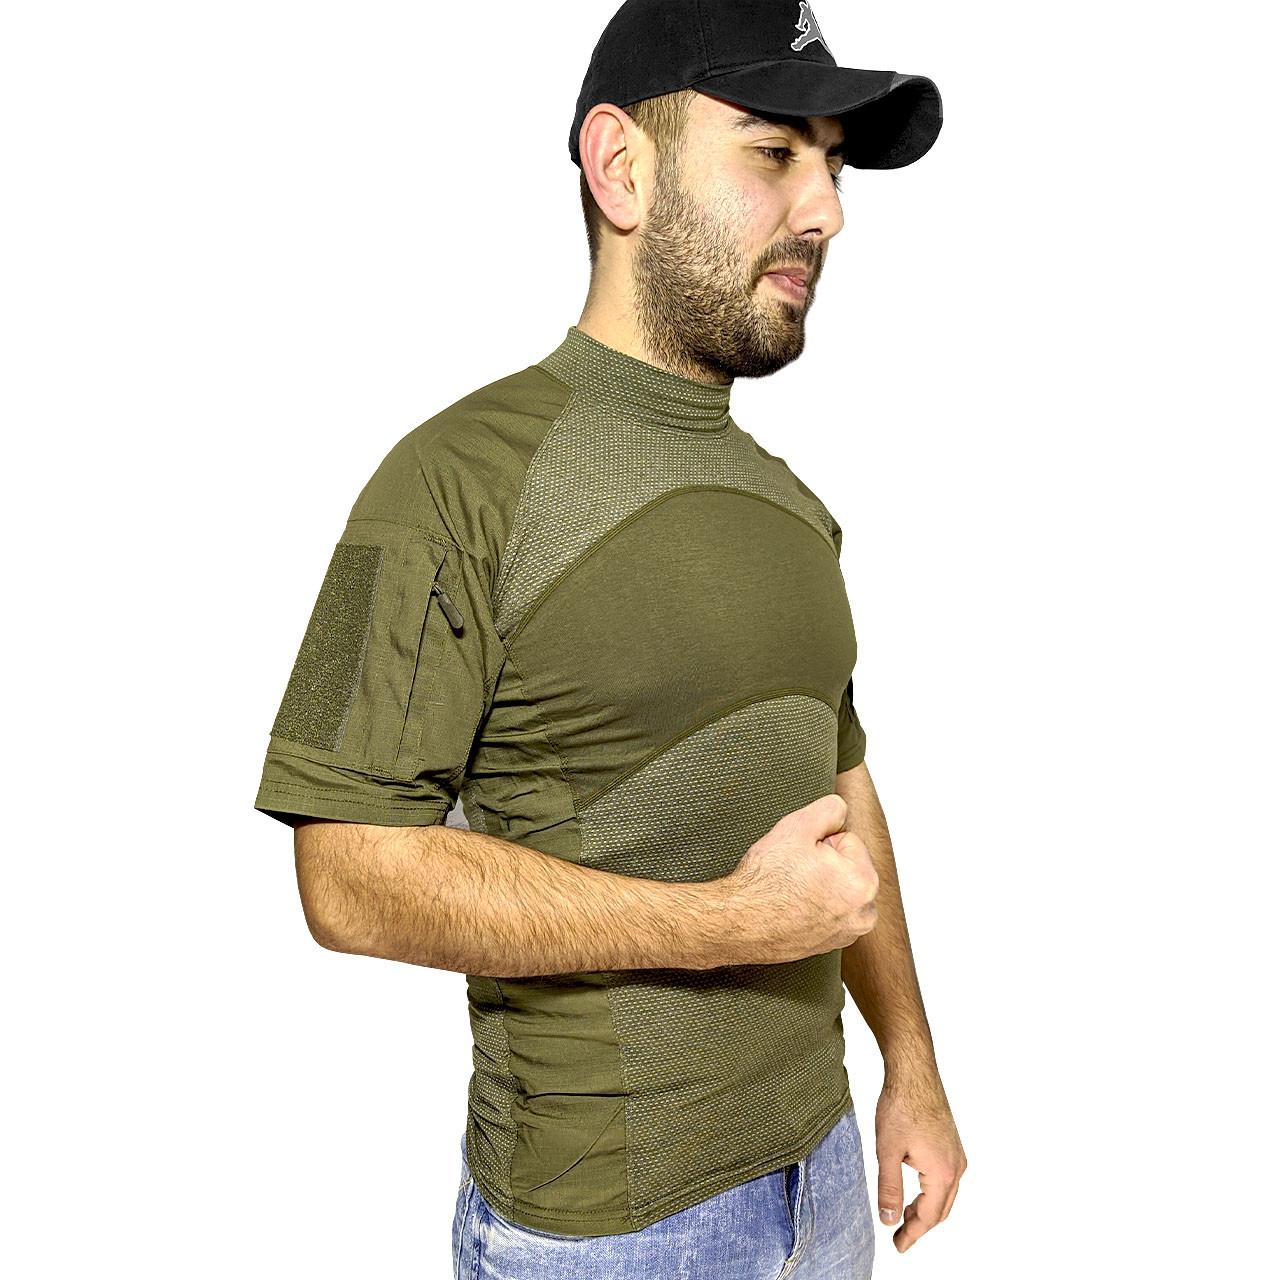 Тактическая футболка с коротким рукавом Lesko A424 Green M мужская армейская камуфляжная с карманами военная